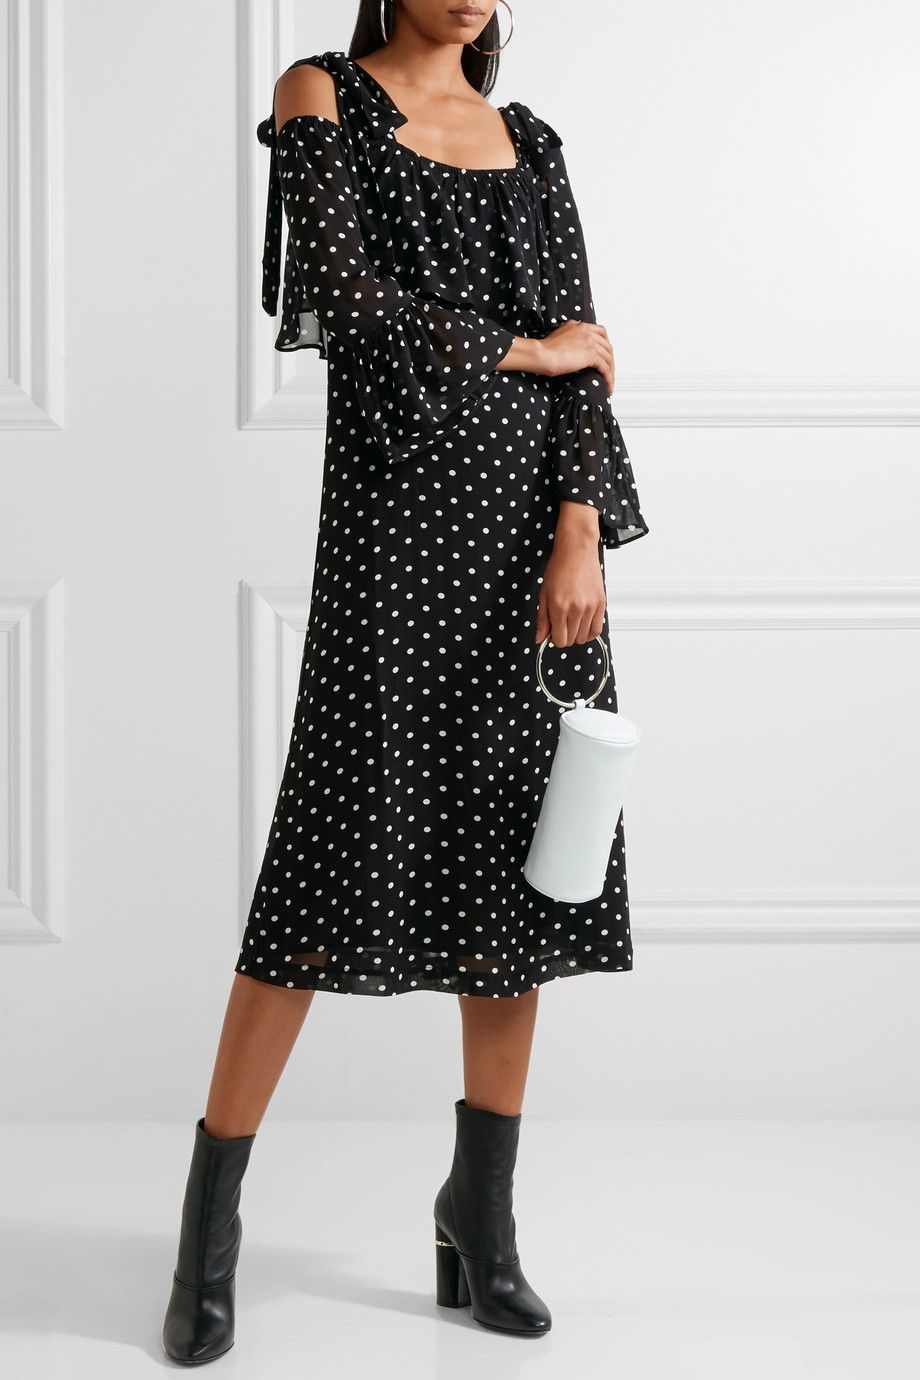 Ganni Monette Cold Shoulder Polka Dot Georgette Dress Net A